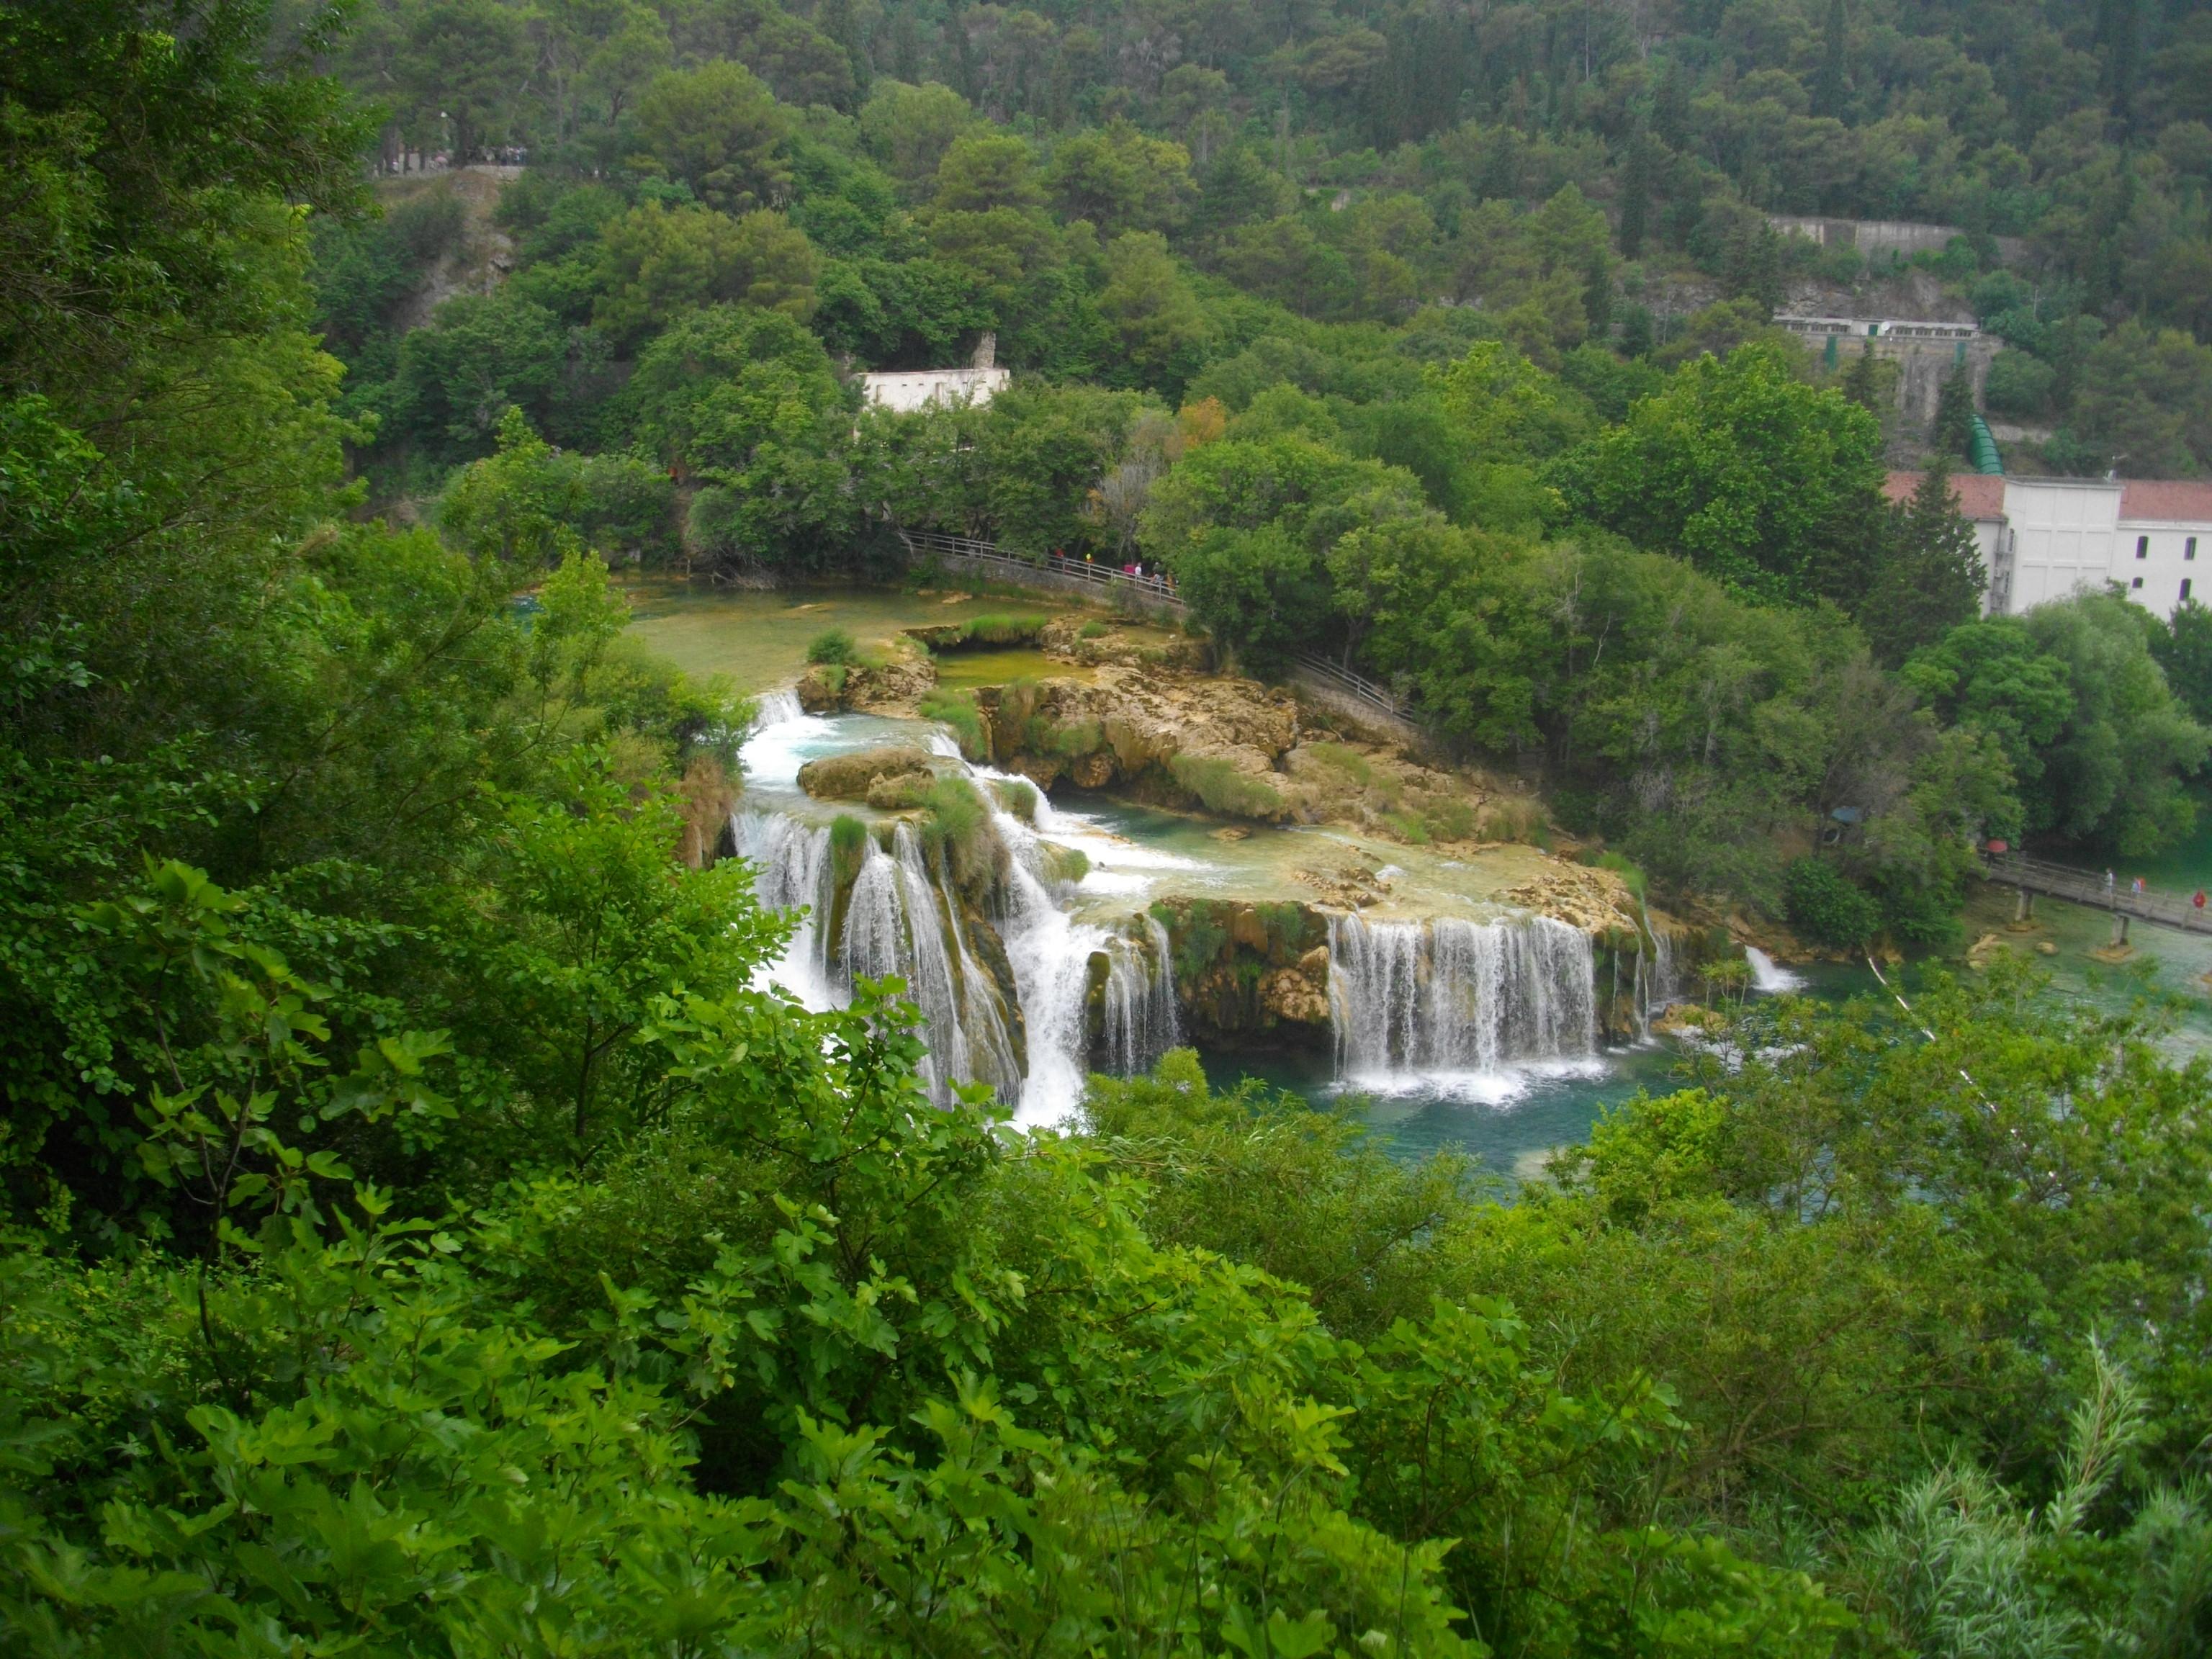 Der Fluss Krka: In Kaskaden und sieben größeren Wasserfällen ergießt sie sich ins Tal.